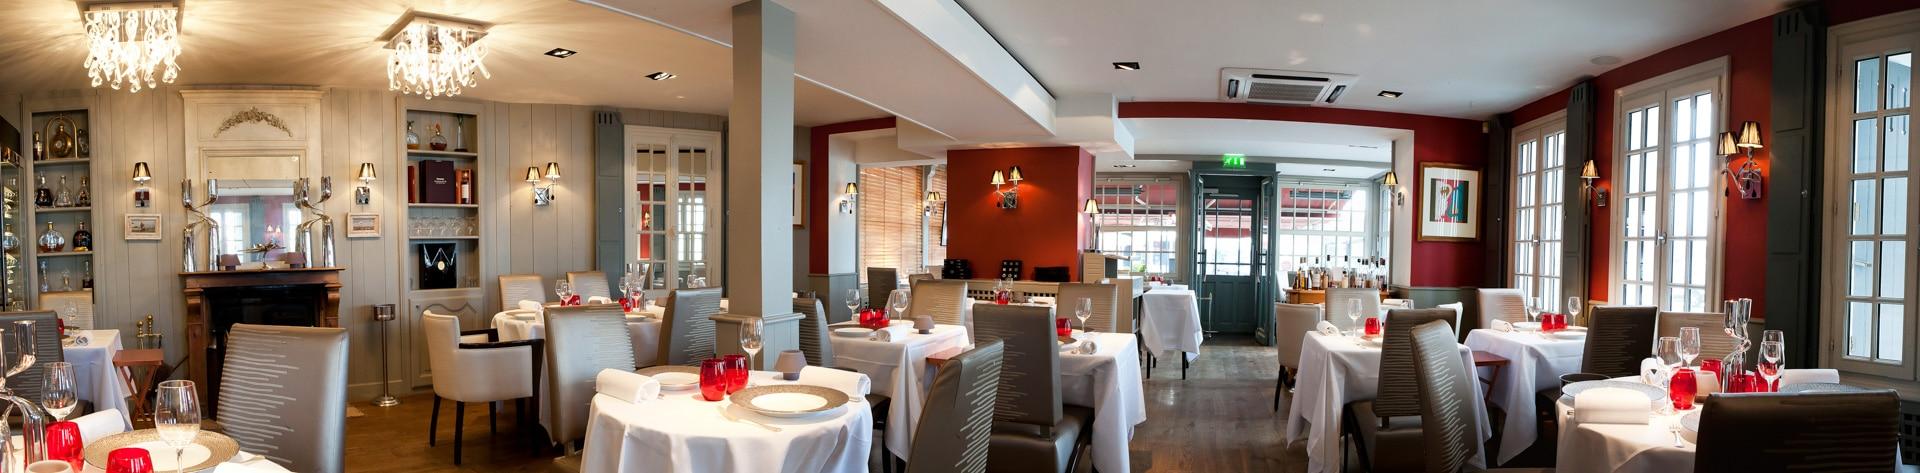 Restaurant les Flots - La Rochelle